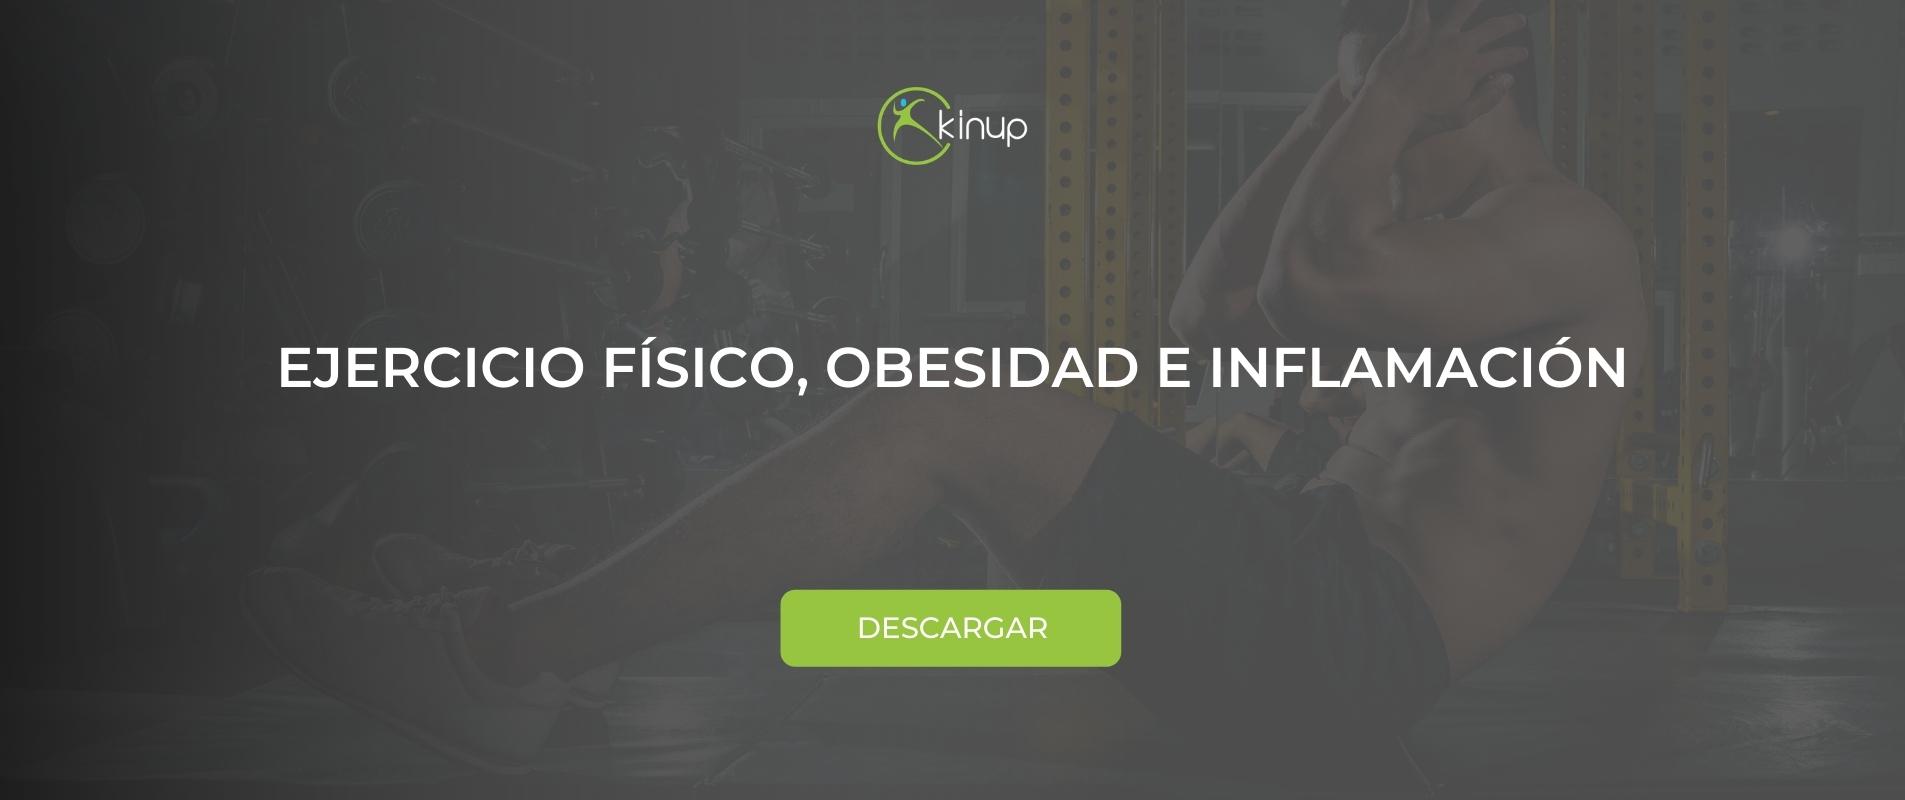 Ejercicio físico, obesidad e inflamación